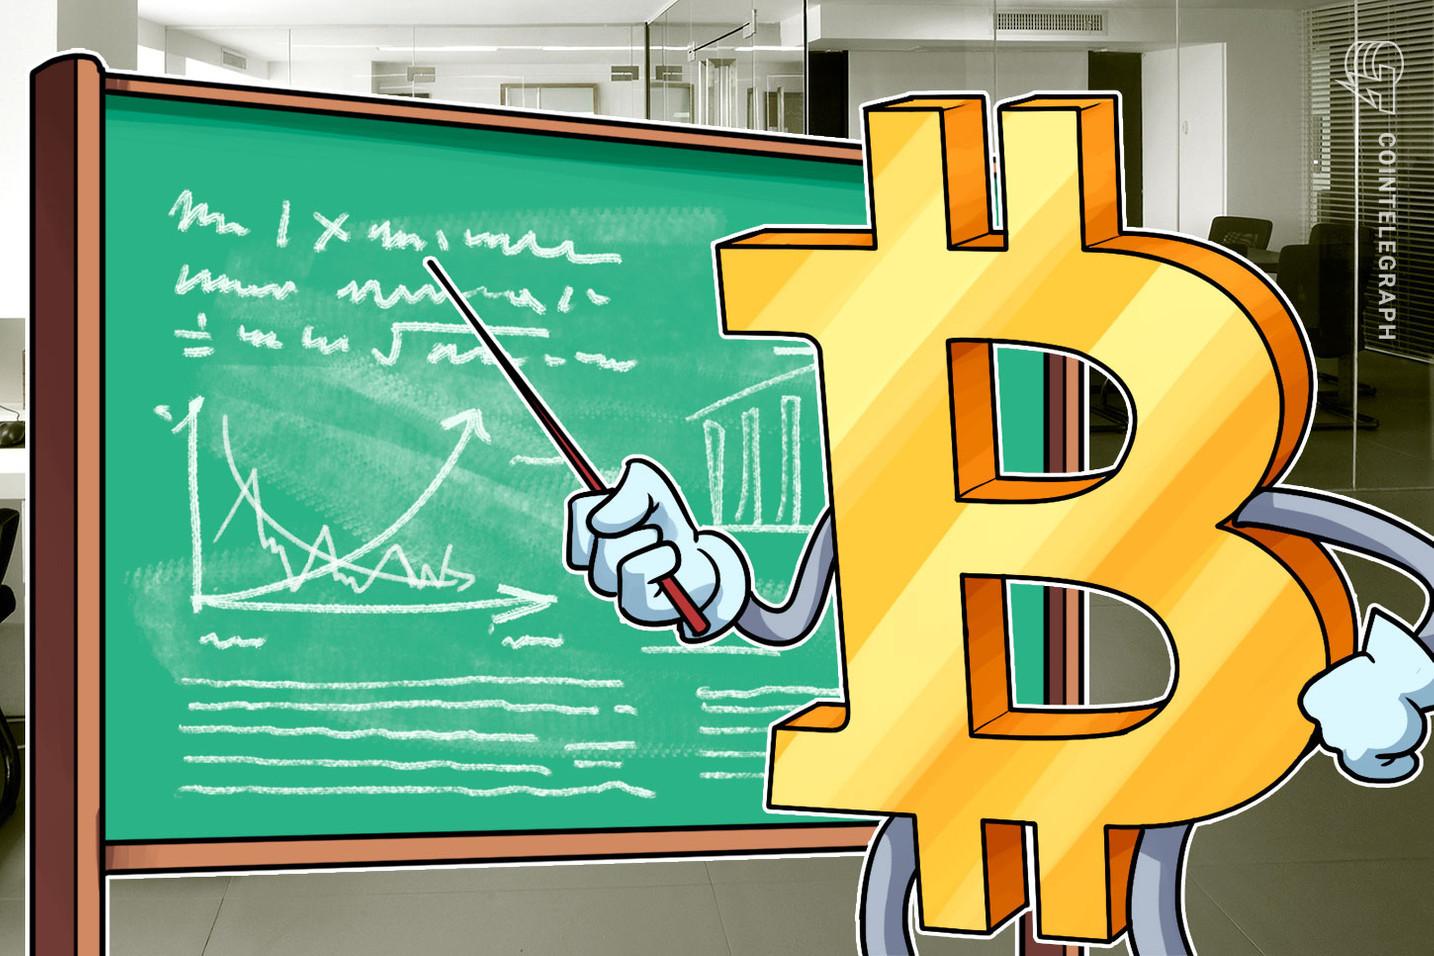 仮想通貨ビットコイン 過去最高値でのトレード少なかった|ほとんどのXRP投資家は赤字か